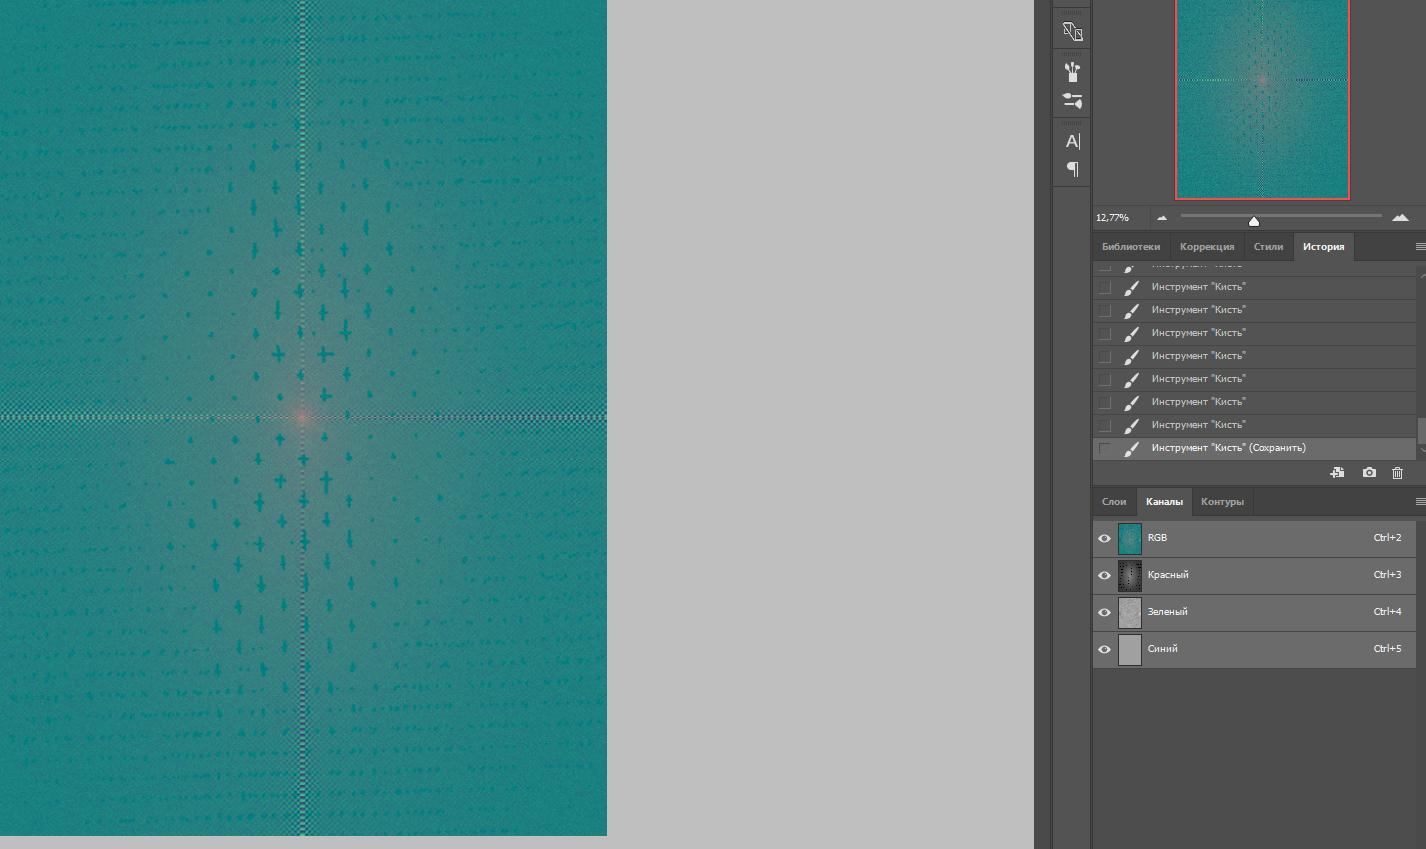 Убираем тиснение и оцветняем старую фотографию Общий вид все каналы Фурье